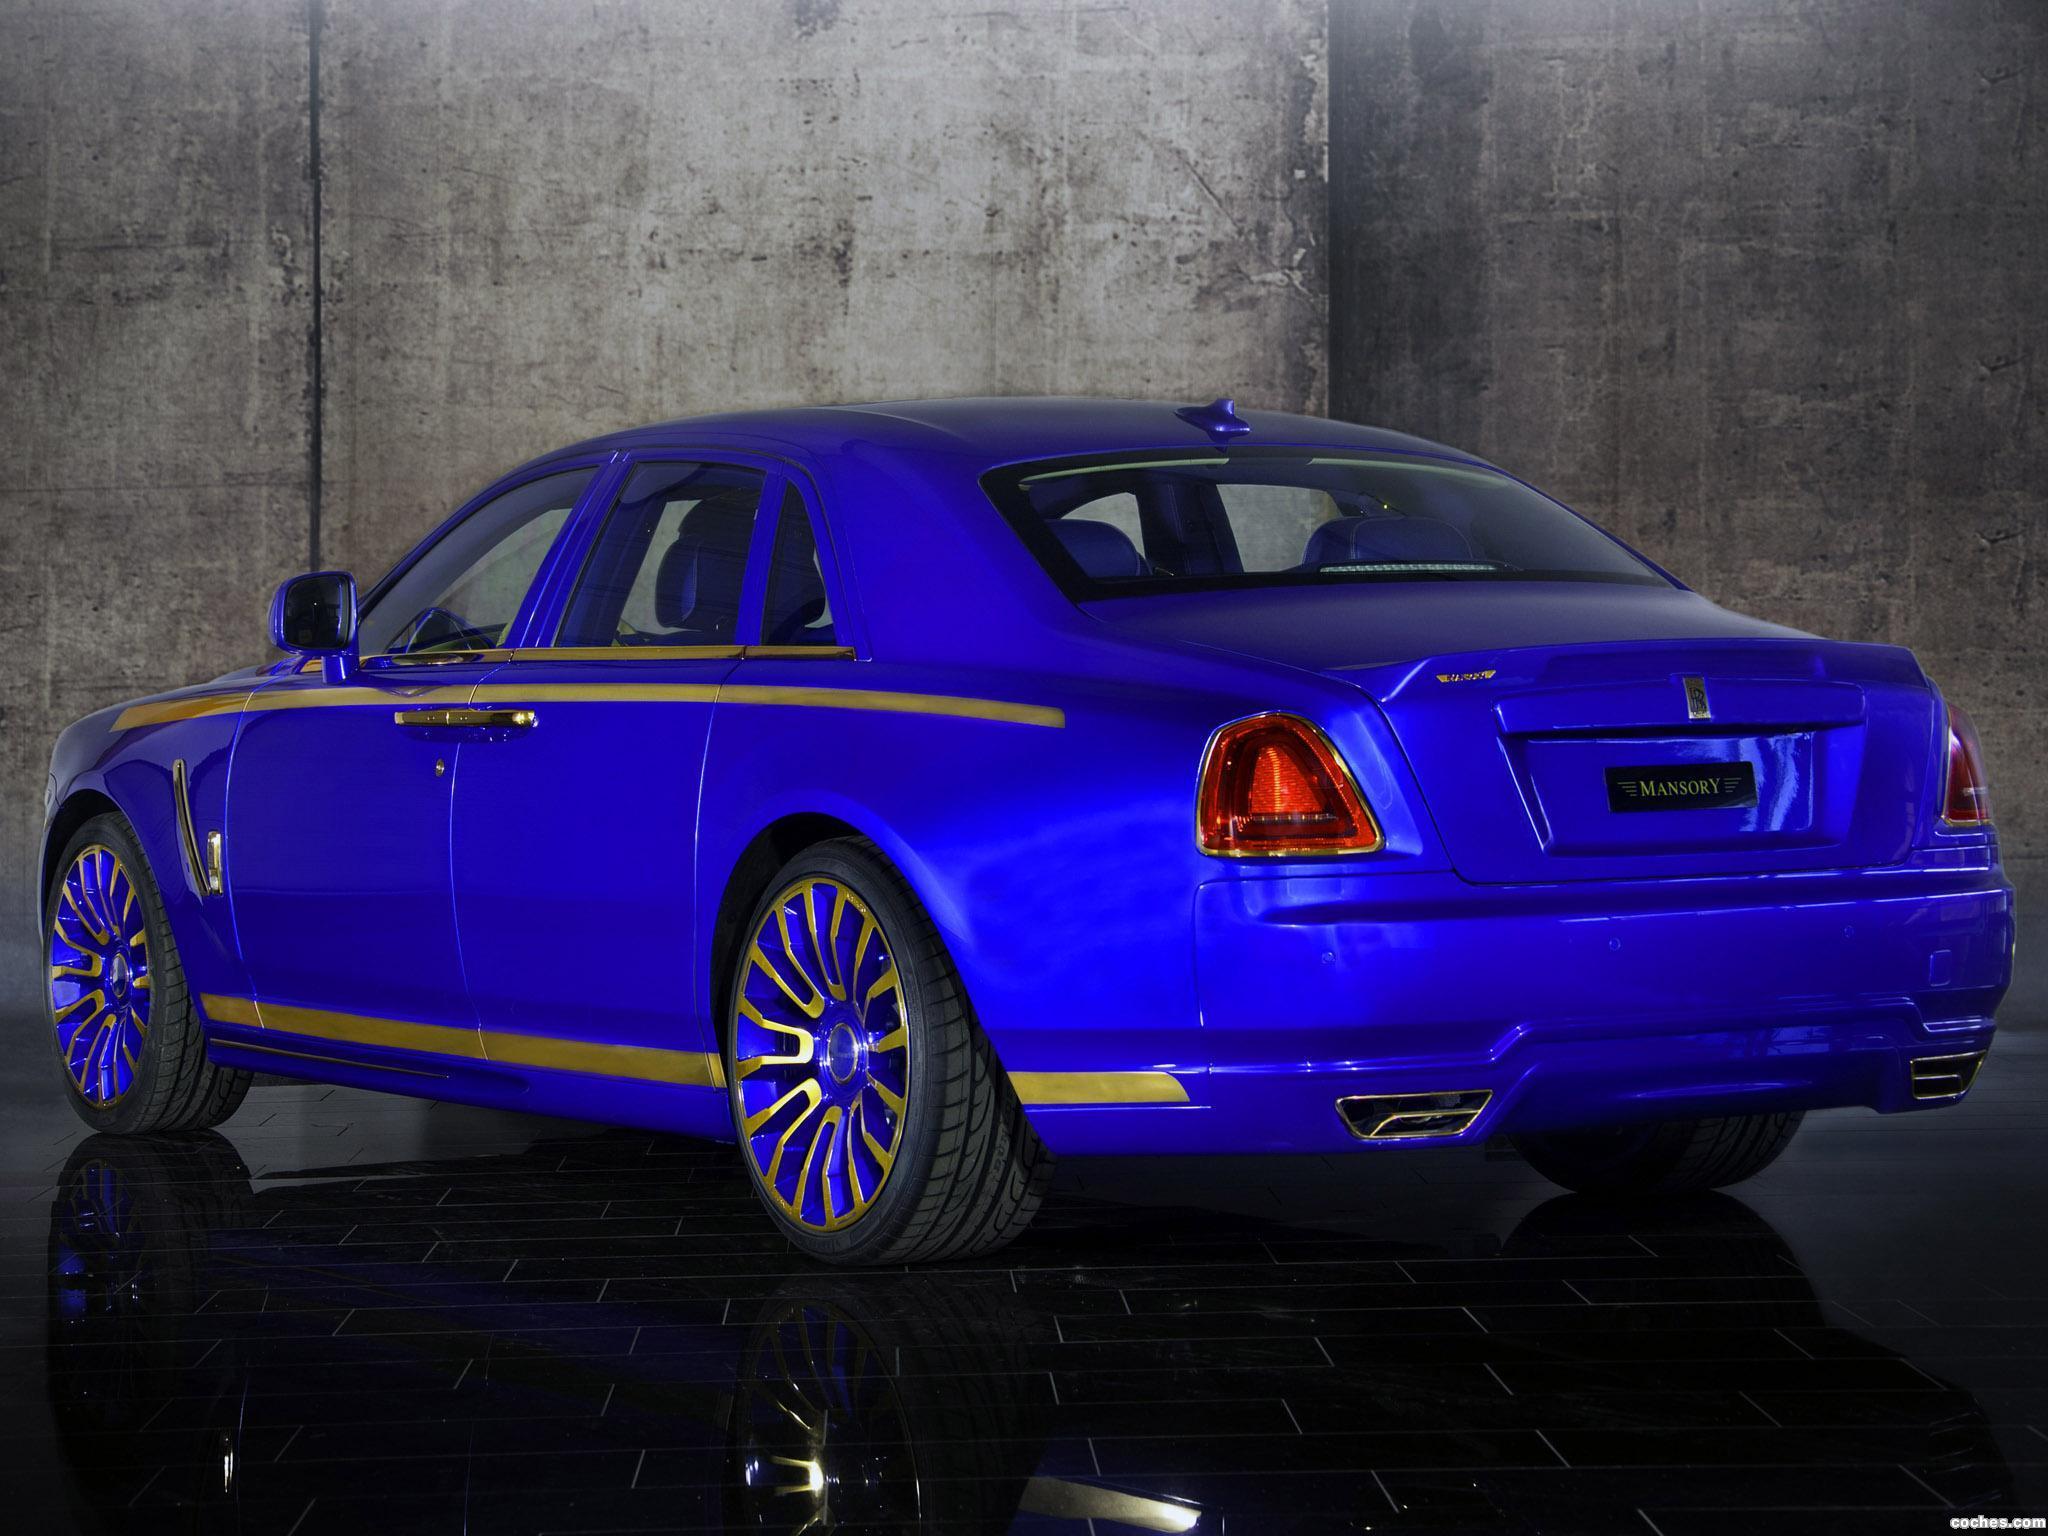 Foto 1 de Mansory Rolls Royce Ghost 2010